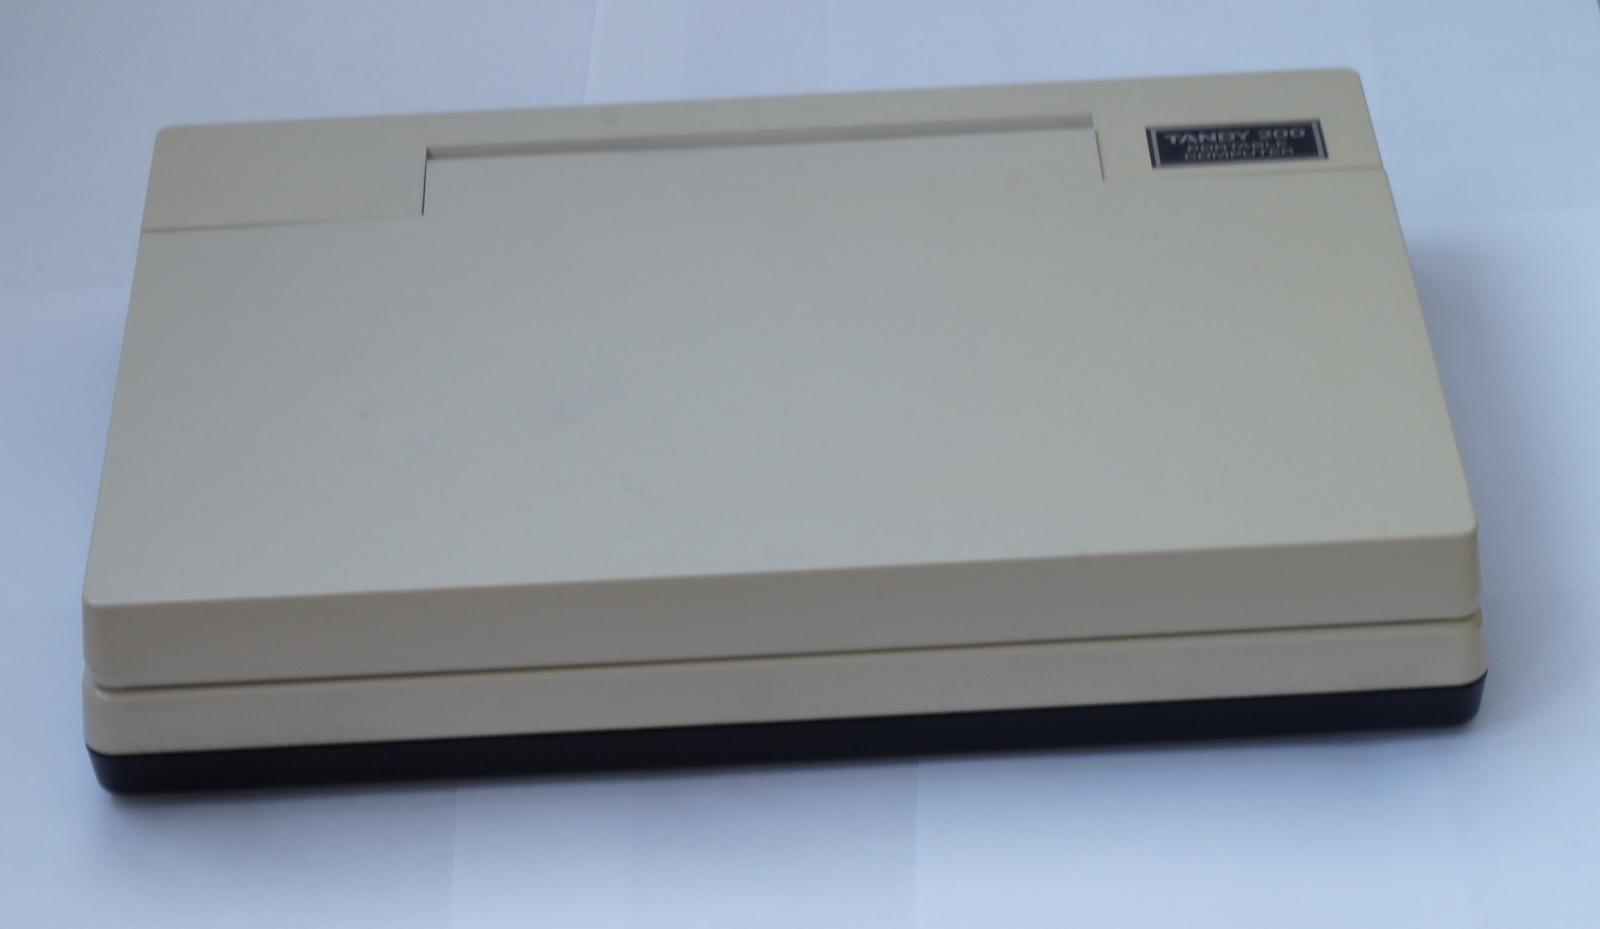 Ноутбук Tandy TRS-80 model 200 - 2